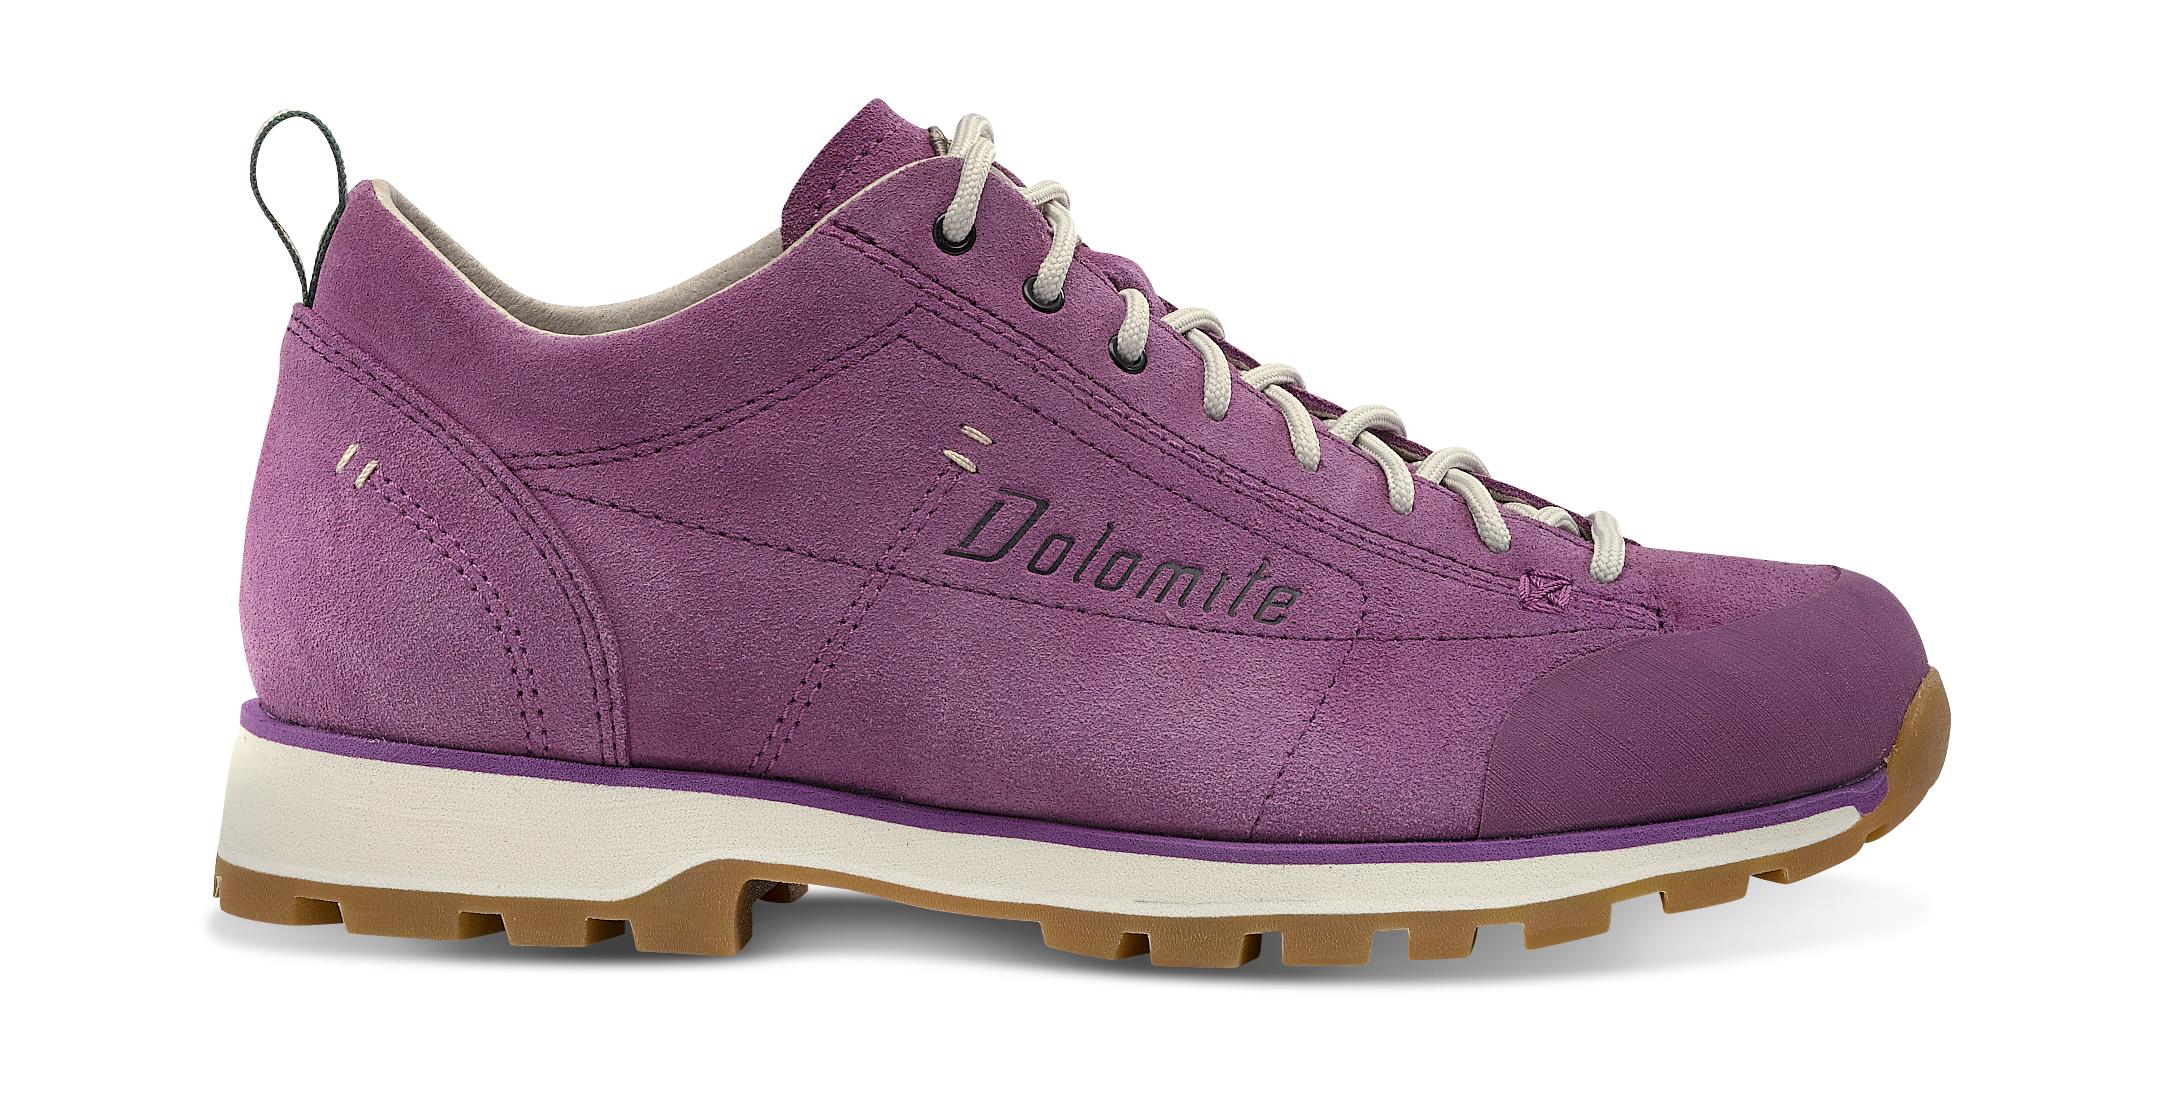 scegli autentico design distintivo sconto di vendita caldo Dolomite Linea 54: tutti i modelli e i colori da donna ...